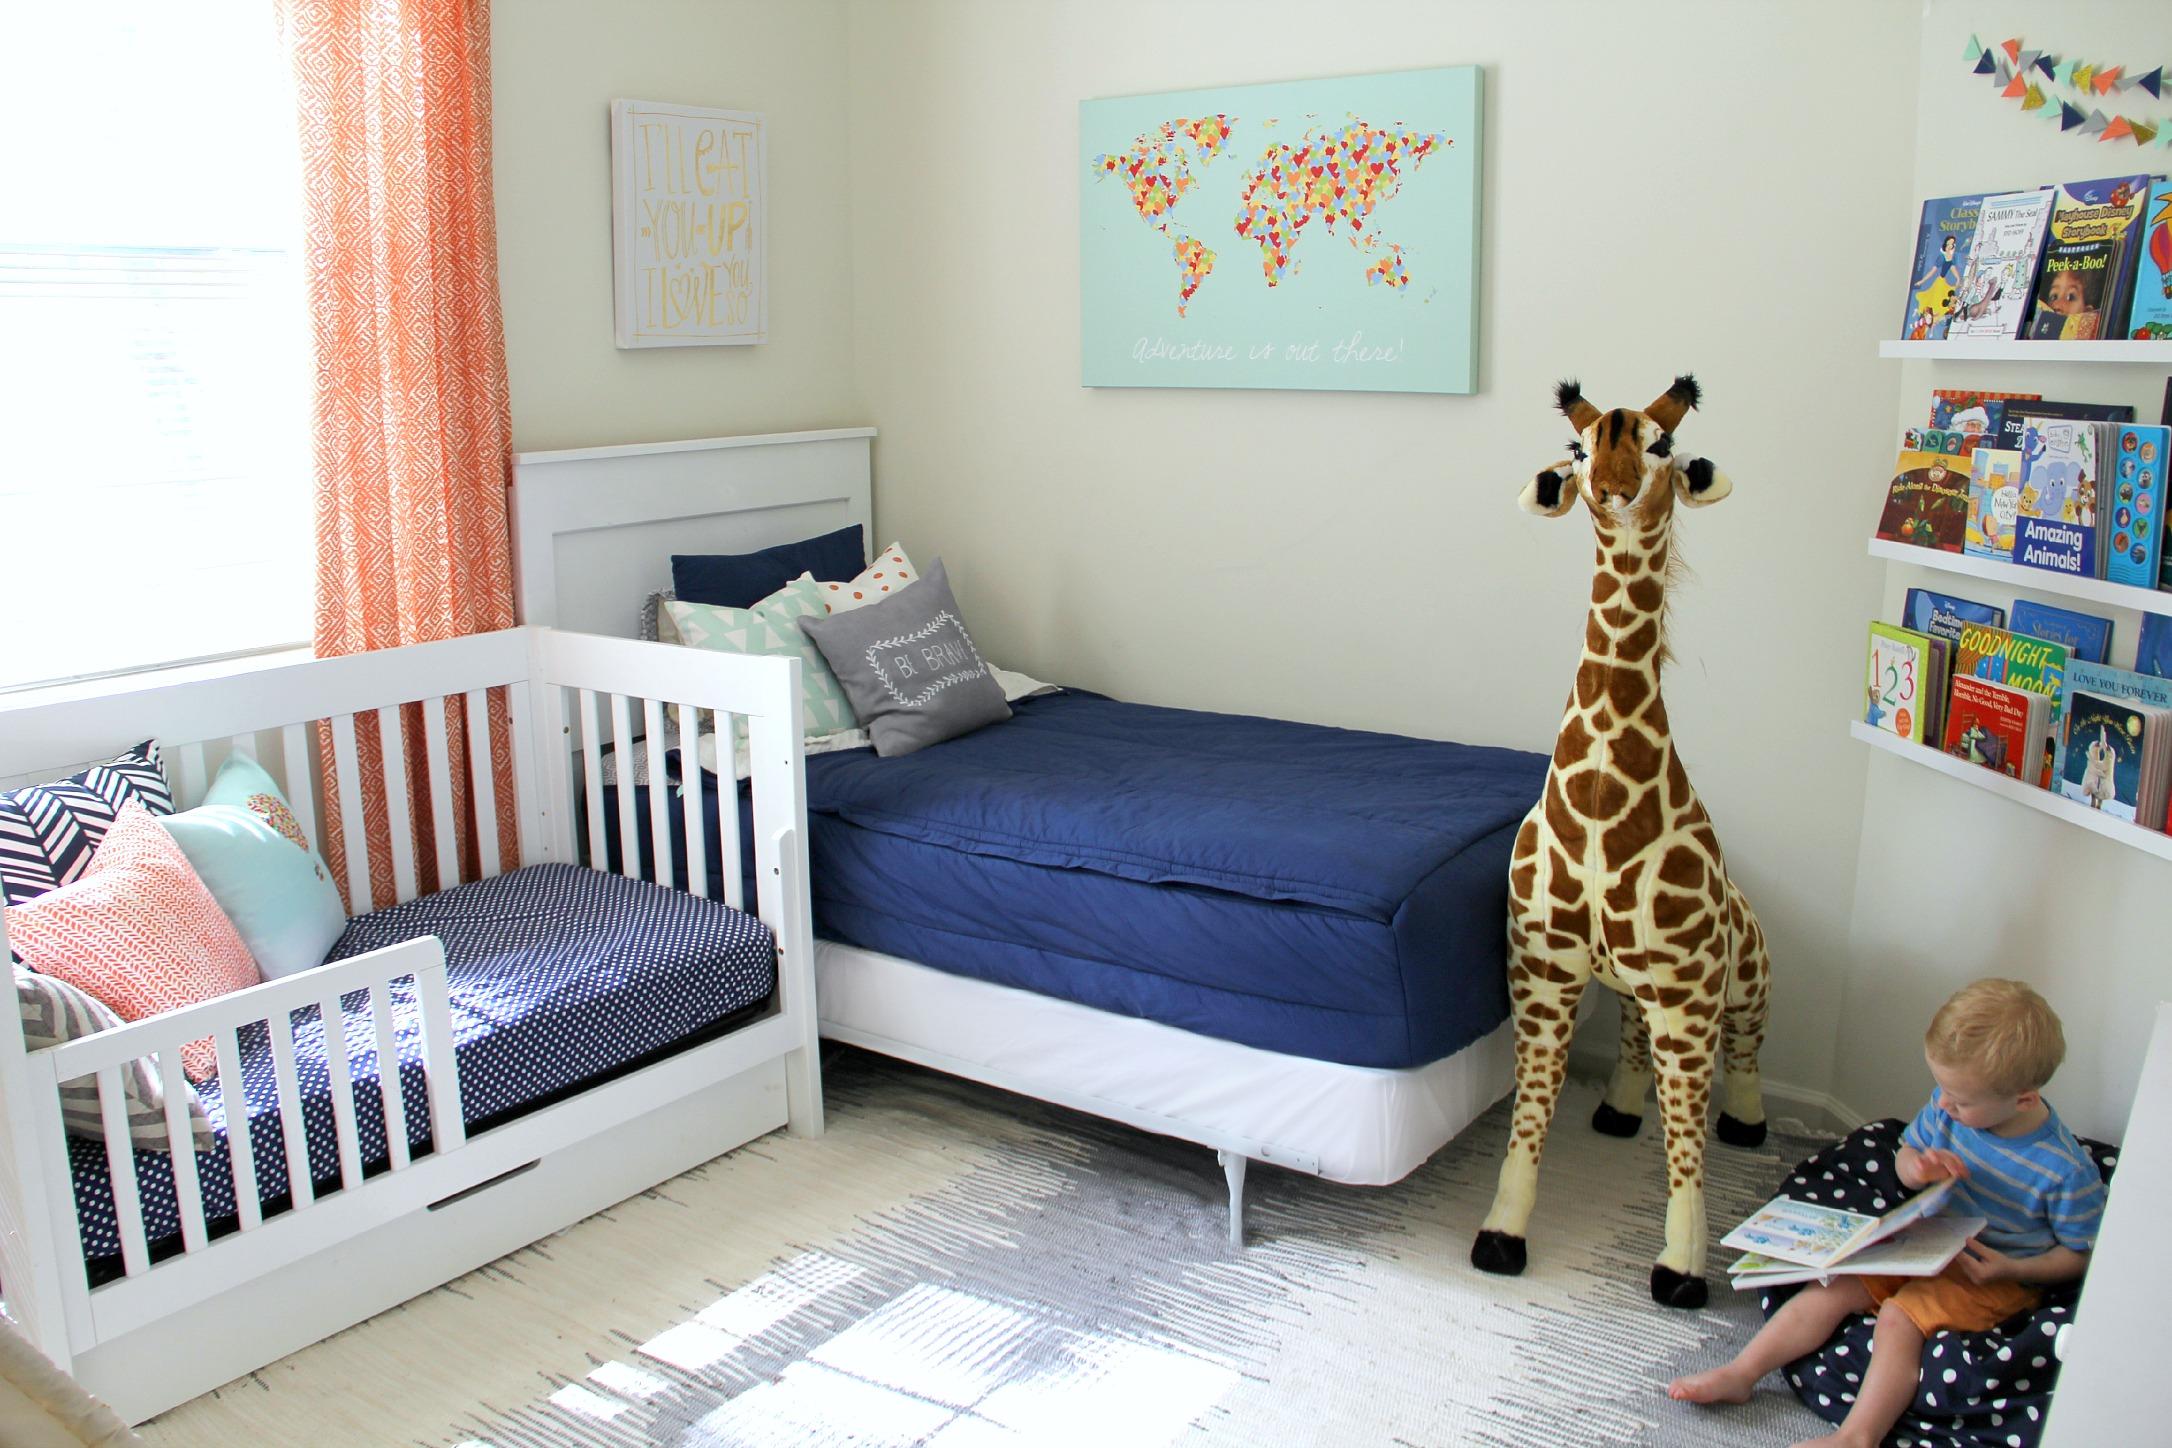 Дизайн детской комнаты для двух мальчиков разных возрастов